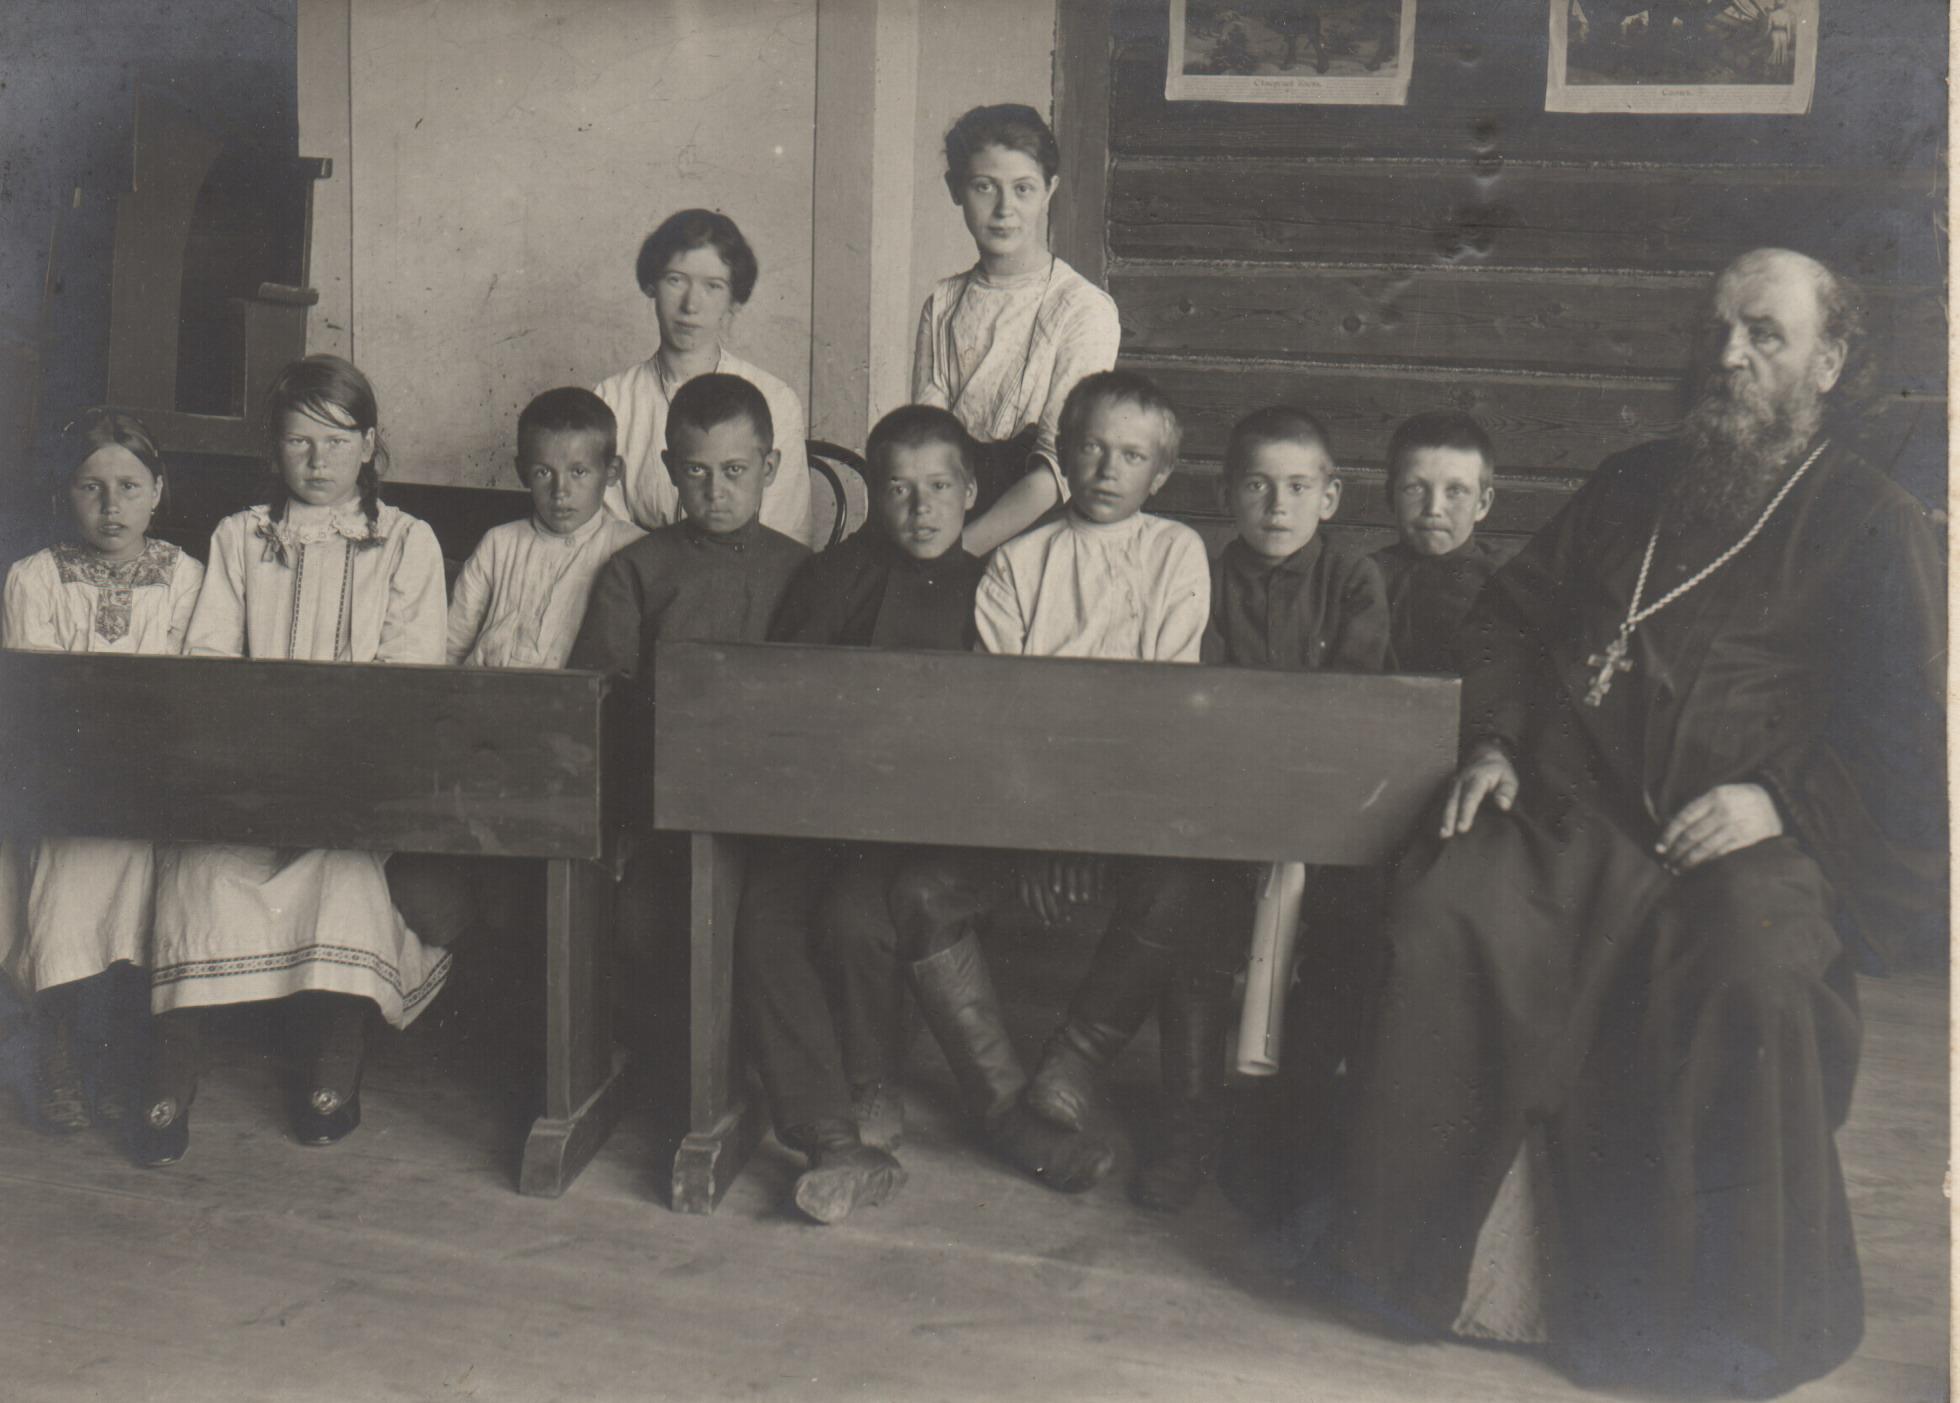 Урок «закона божьего» в начальной школе на улице Садовой. 1910-е